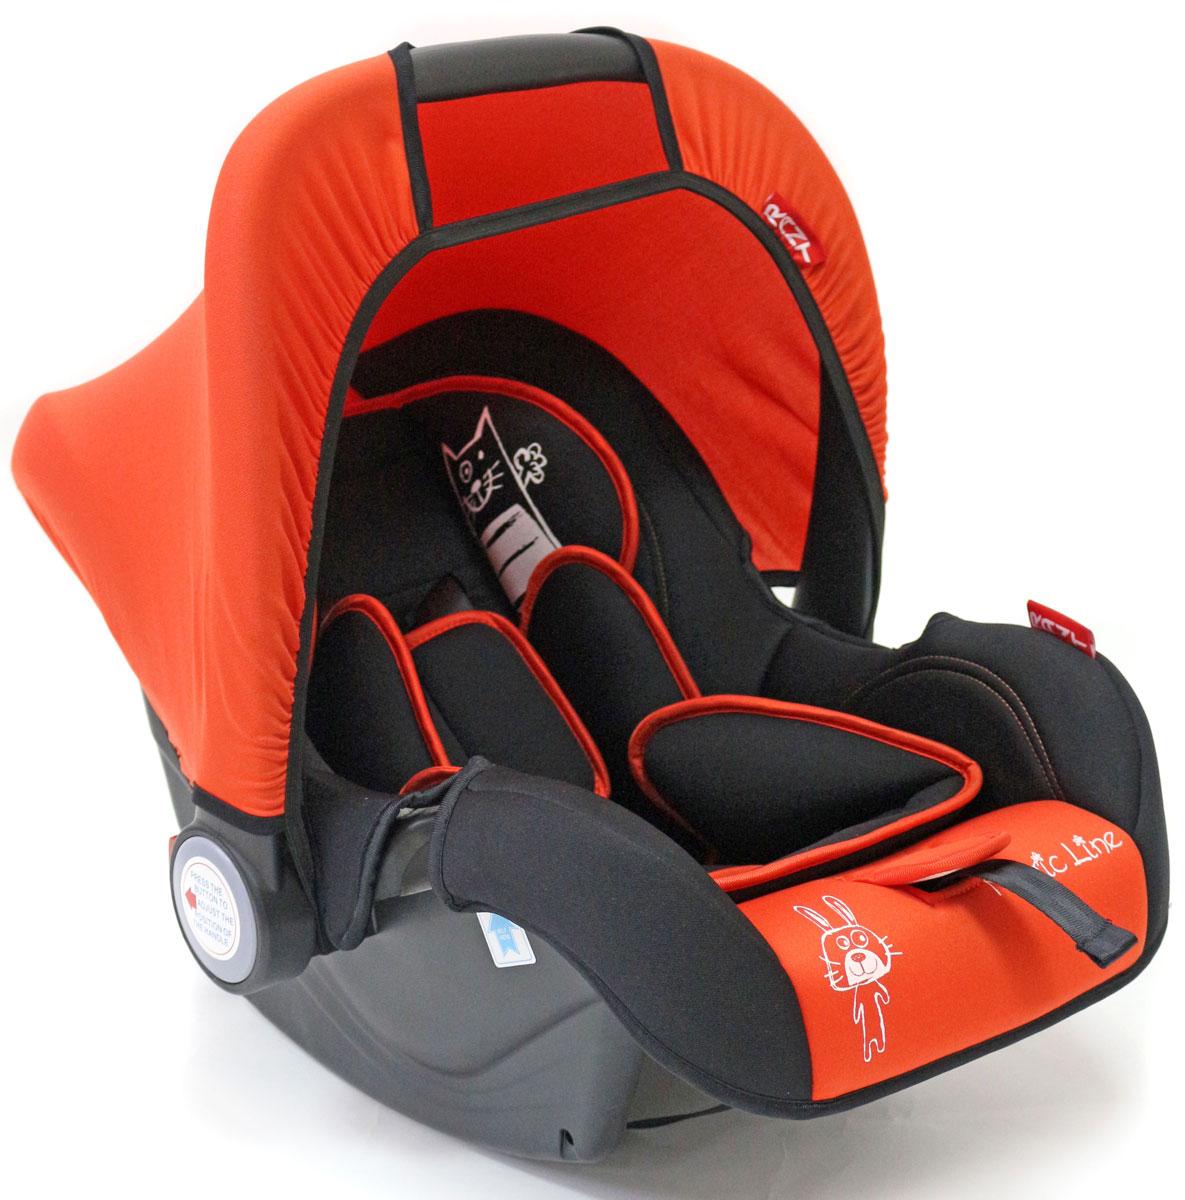 Rant Автокресло Miracle цвет красный до 13 кг4630008876657Детское автокресло-переноска Rant Miracle разработано для малышей весом до 13 кг (приблизительно до 12 месяцев).Особенности: Сиденье удобной формы с мягким вкладышем обеспечивает защиту и идеальное положение шеи и спины малыша, а также делает кресло комфортным и безопасным. Автокресло (переноска) Miracle имеет внутренние 3-х точечные ремни безопасности с плечевыми накладками (уменьшают нагрузку на плечи малыша). Накладки обеспечивают плотное прилегание и надежно удержат малыша в кресле в случае ударов. Ремни удобно регулировать под рост и комплекцию ребенка без особых усилий. Удобная ручка для переноски малыша регулируется в 4-х положениях: для устойчивости автокресла в автомобиле, для переноски малыша, вне автомобиля автокресло можно использовать как кресло-качалку или кресло-шезлонг. Съемный тент защитит от яркого солнца или ветра, когда вы гуляете с малышом на свежем воздухе. Съемный чехол автокресла Miracle изготовлен из гипоаллергенной эластичной ткани, легко чистится и стирается вручную или в деликатном режиме в стиральной машине при температуре 30°.Установка и крепление: Автокресло (переноска) Miracle устанавливается лицом против движения автомобиля и крепится штатными автомобильными ремнями. Ребенок фиксируется внутренними ремнями безопасности. Такое положение обеспечивает максимальную безопасность маленькому пассажиру. Рекомендуется устанавливать автокресло на заднем сиденье автомобиля. Производитель допускает перевозку на переднем сиденье, в этом случае необходимо отключить фронтальные подушки безопасности. Автокресло (переноска) Miracle сертифицировано и соответствует европейскому стандарту безопасности ECE R44-04.